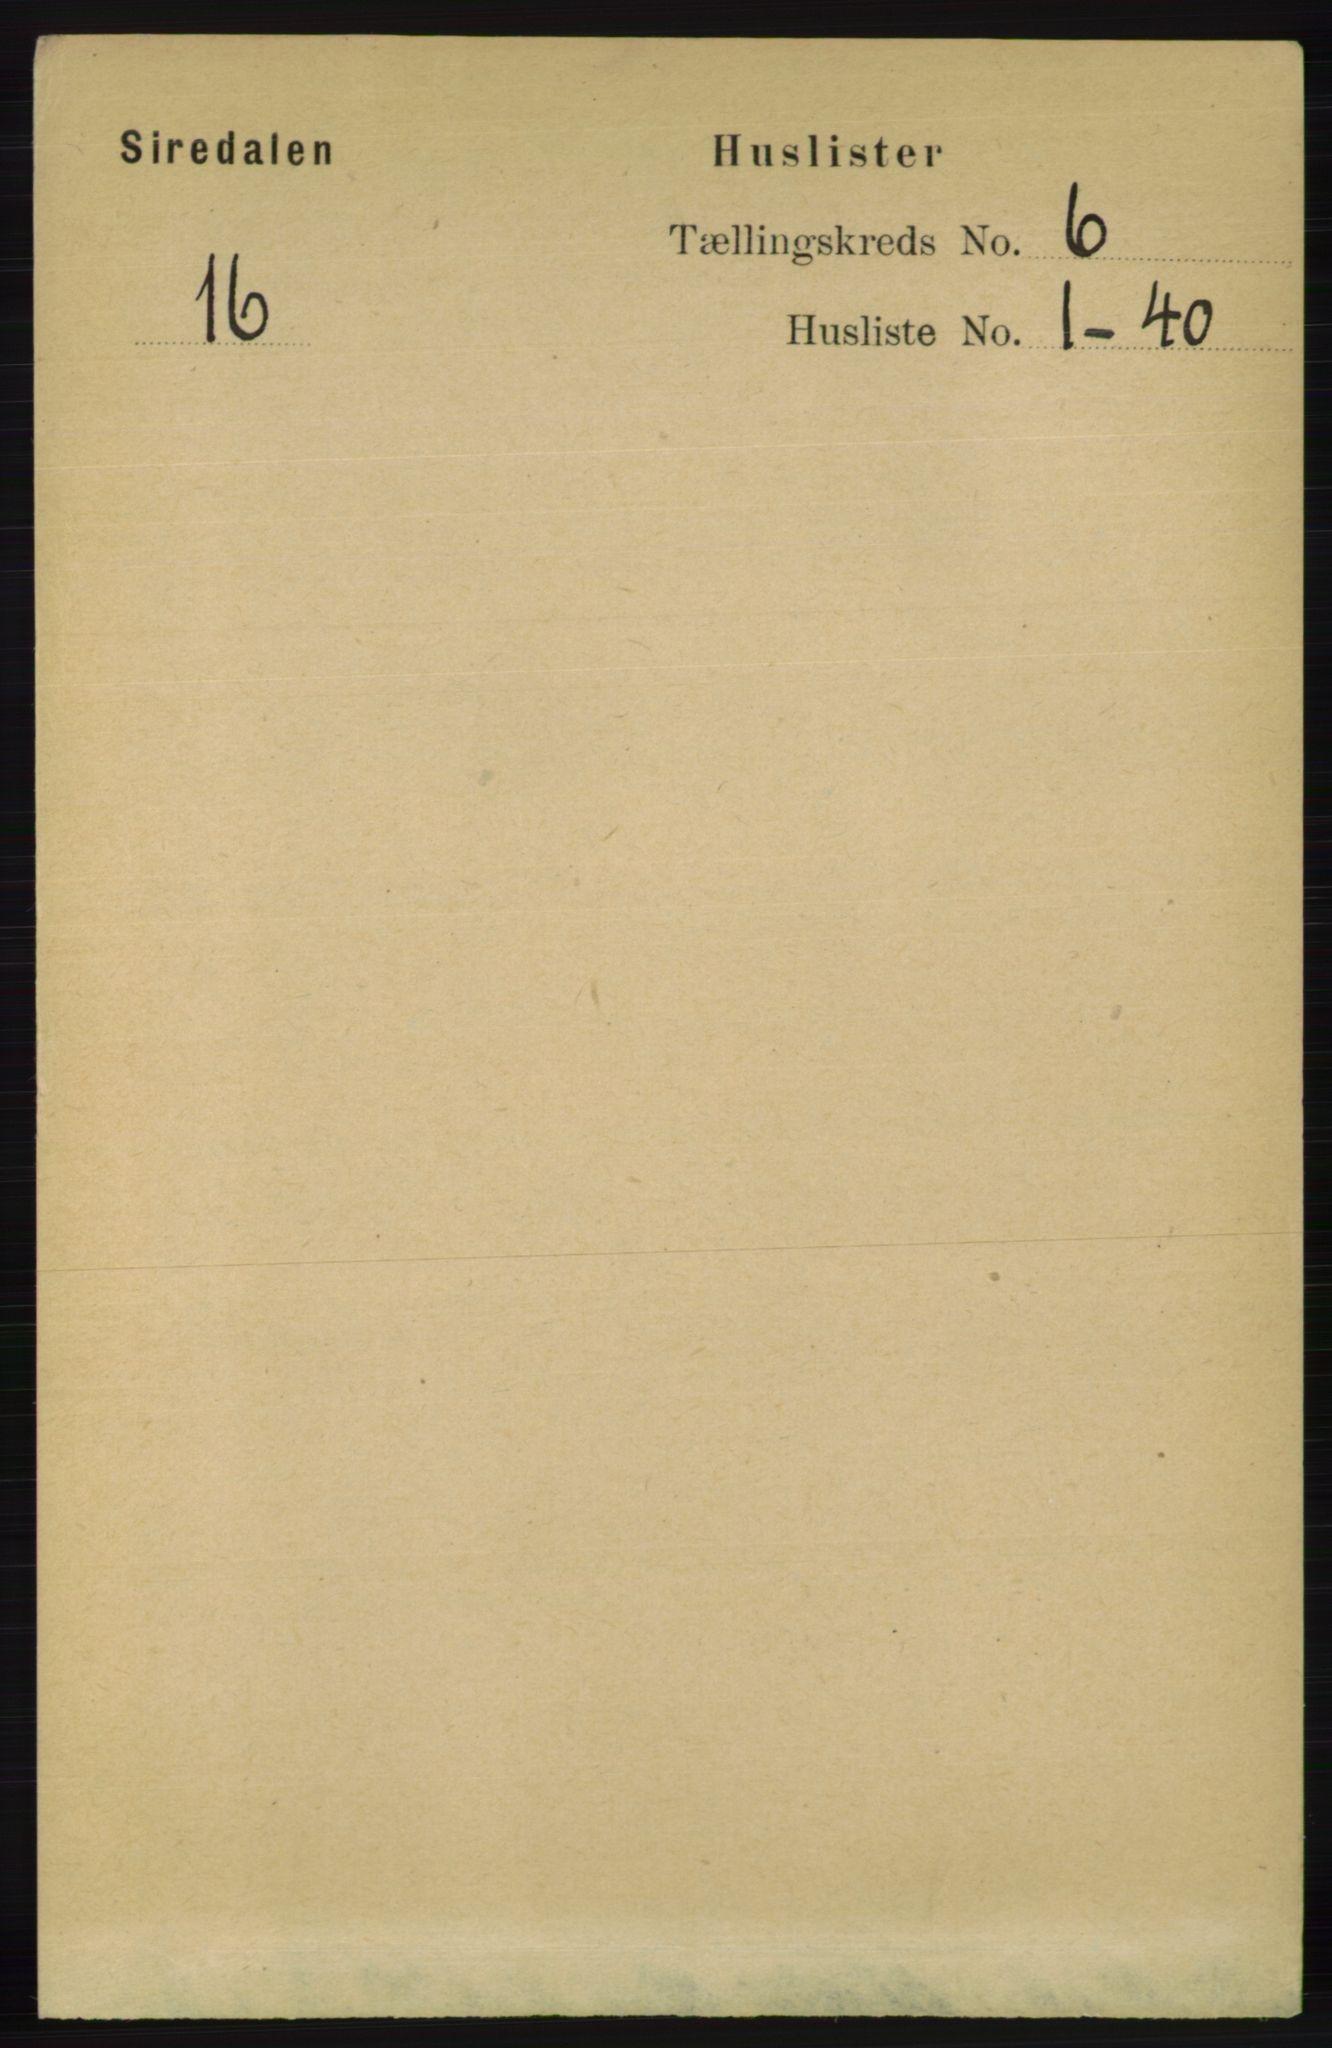 RA, Folketelling 1891 for 1046 Sirdal herred, 1891, s. 1591